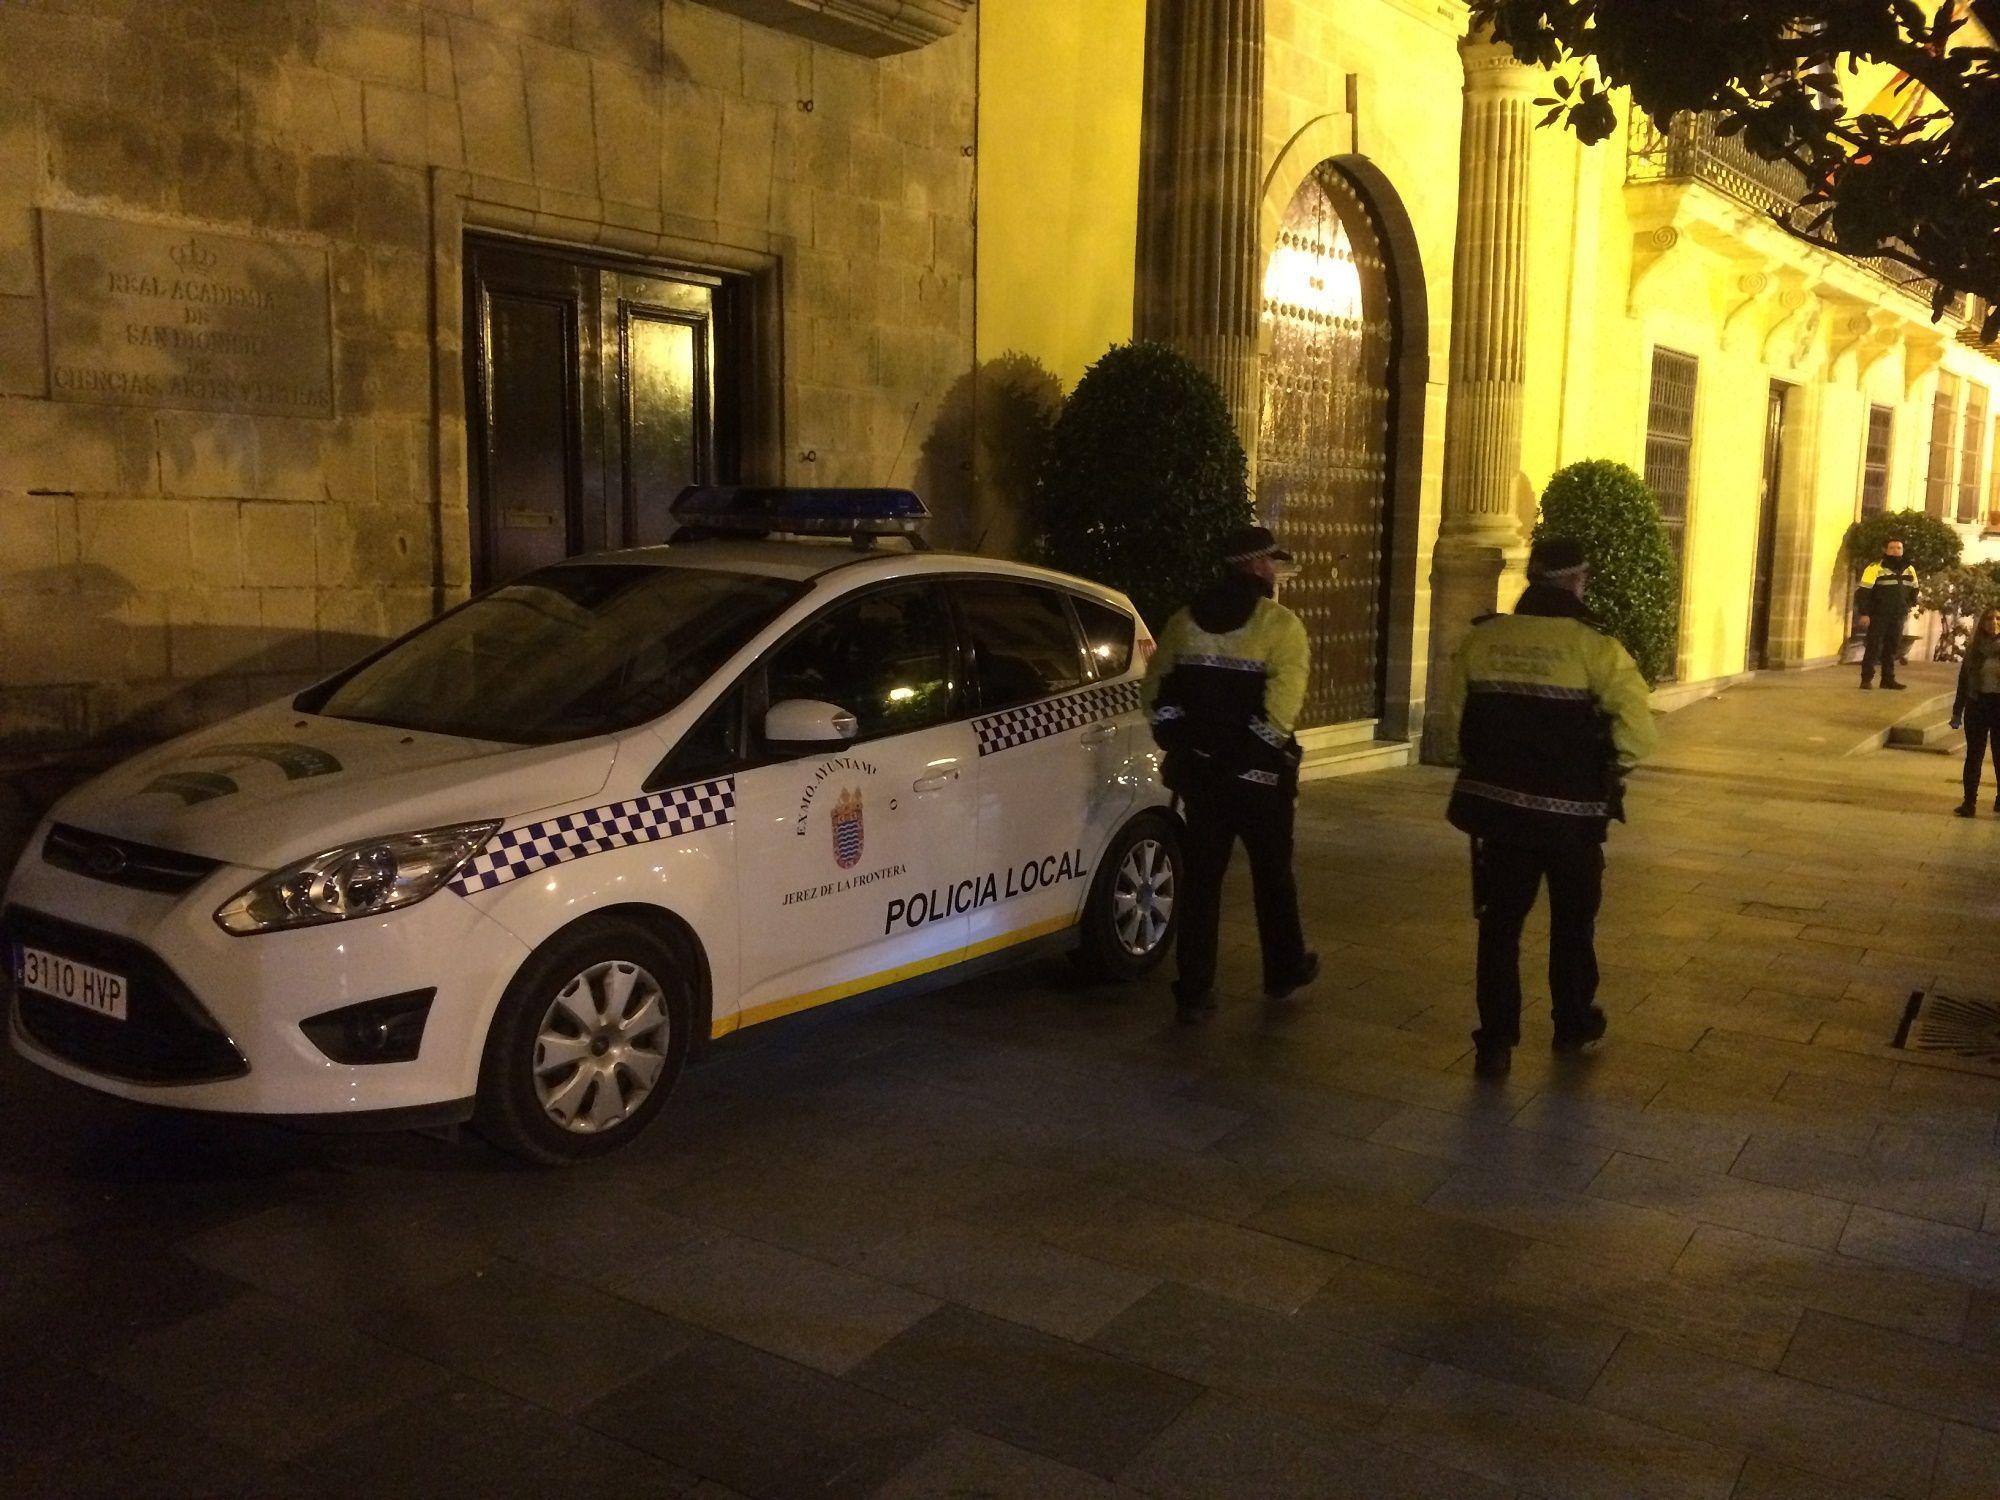 policialocalj